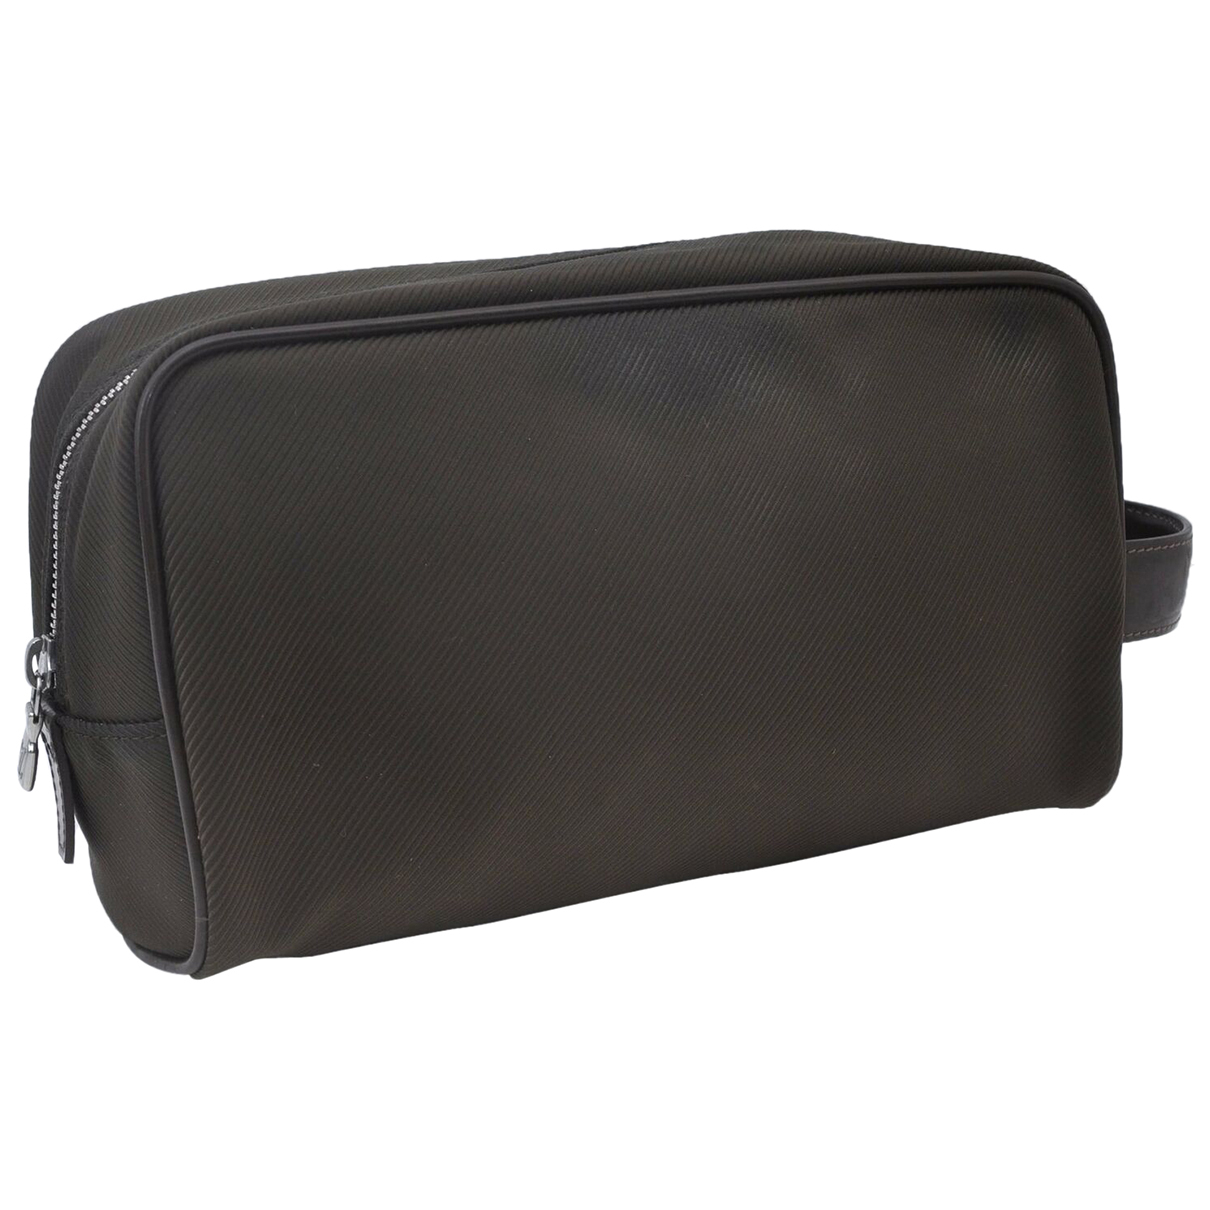 Bolsos clutch en Sintetico Marron Louis Vuitton